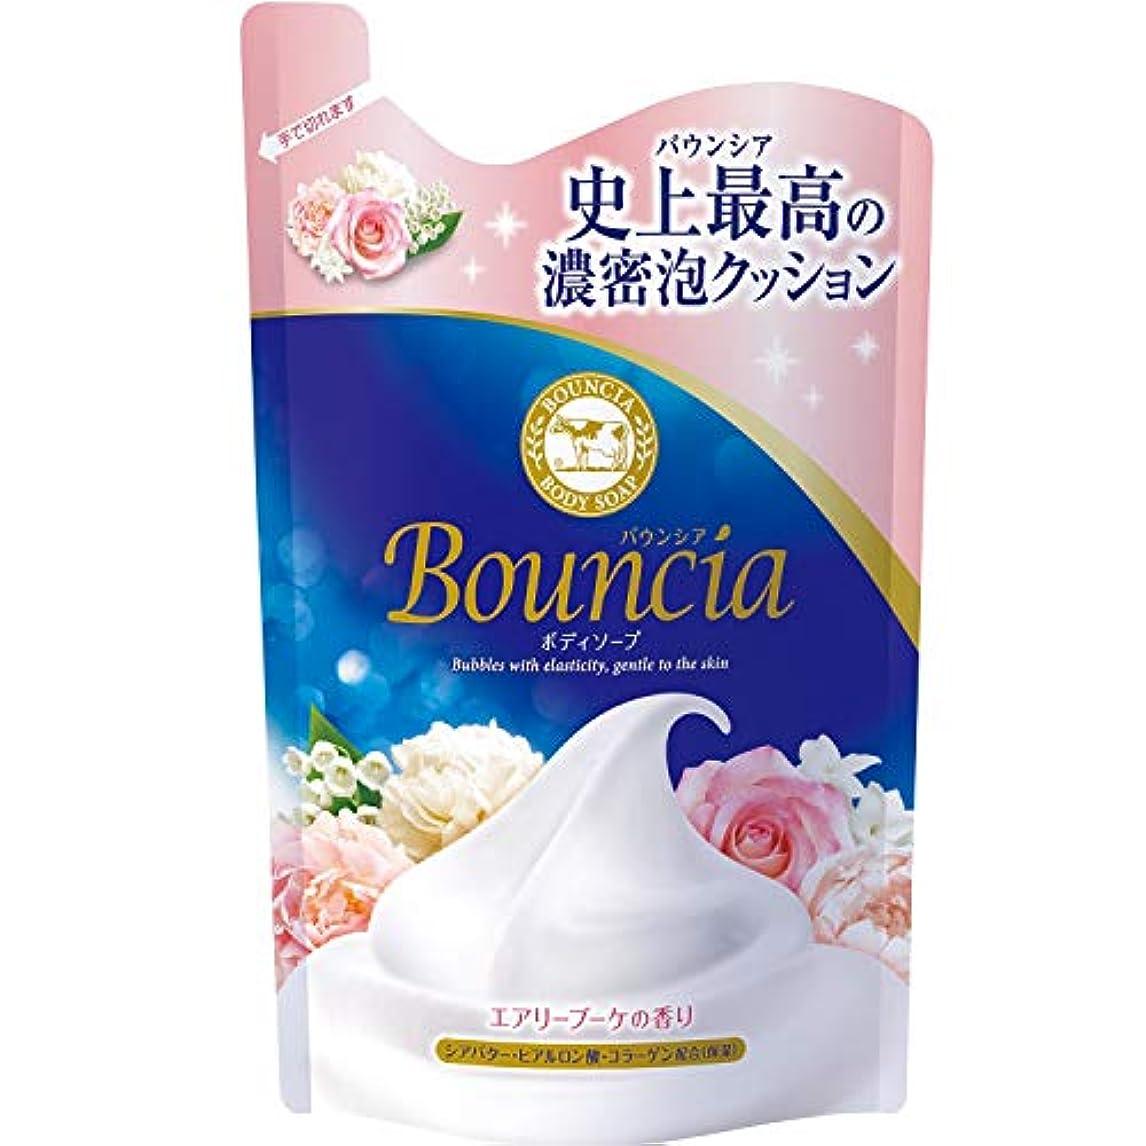 敬意関係ない行くバウンシア ボディソープ エアリーブーケの香り 詰替 400mL